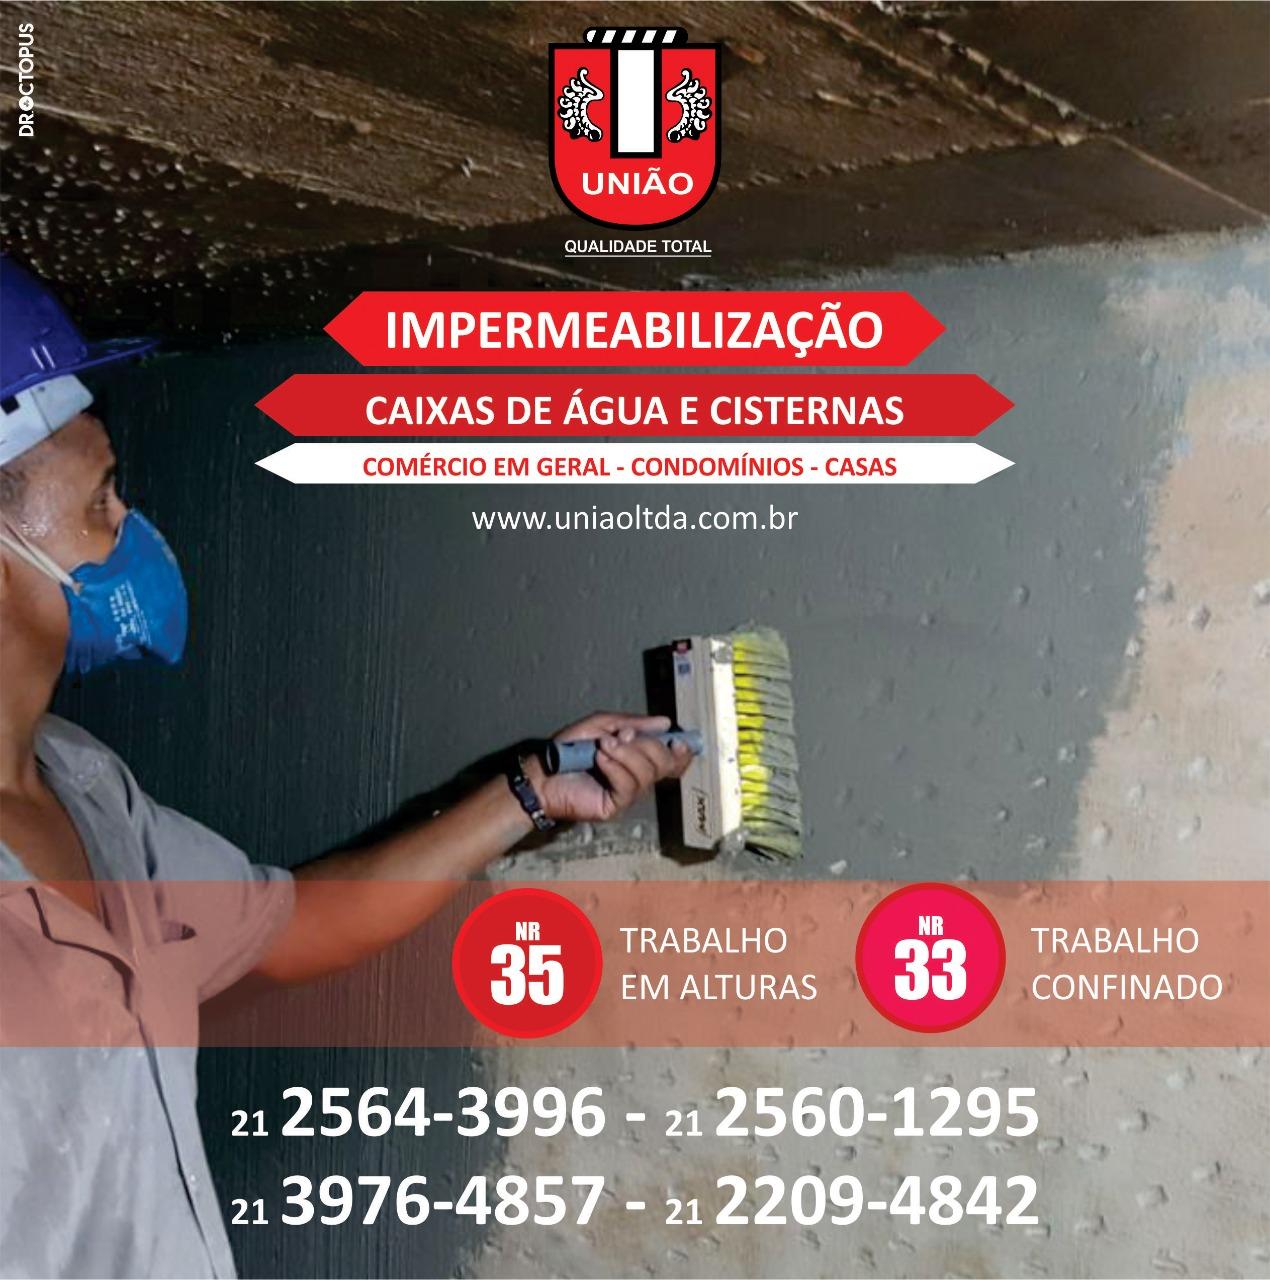 Impermeabilização de caixas d'água e cisternas no Rio de Janeiro